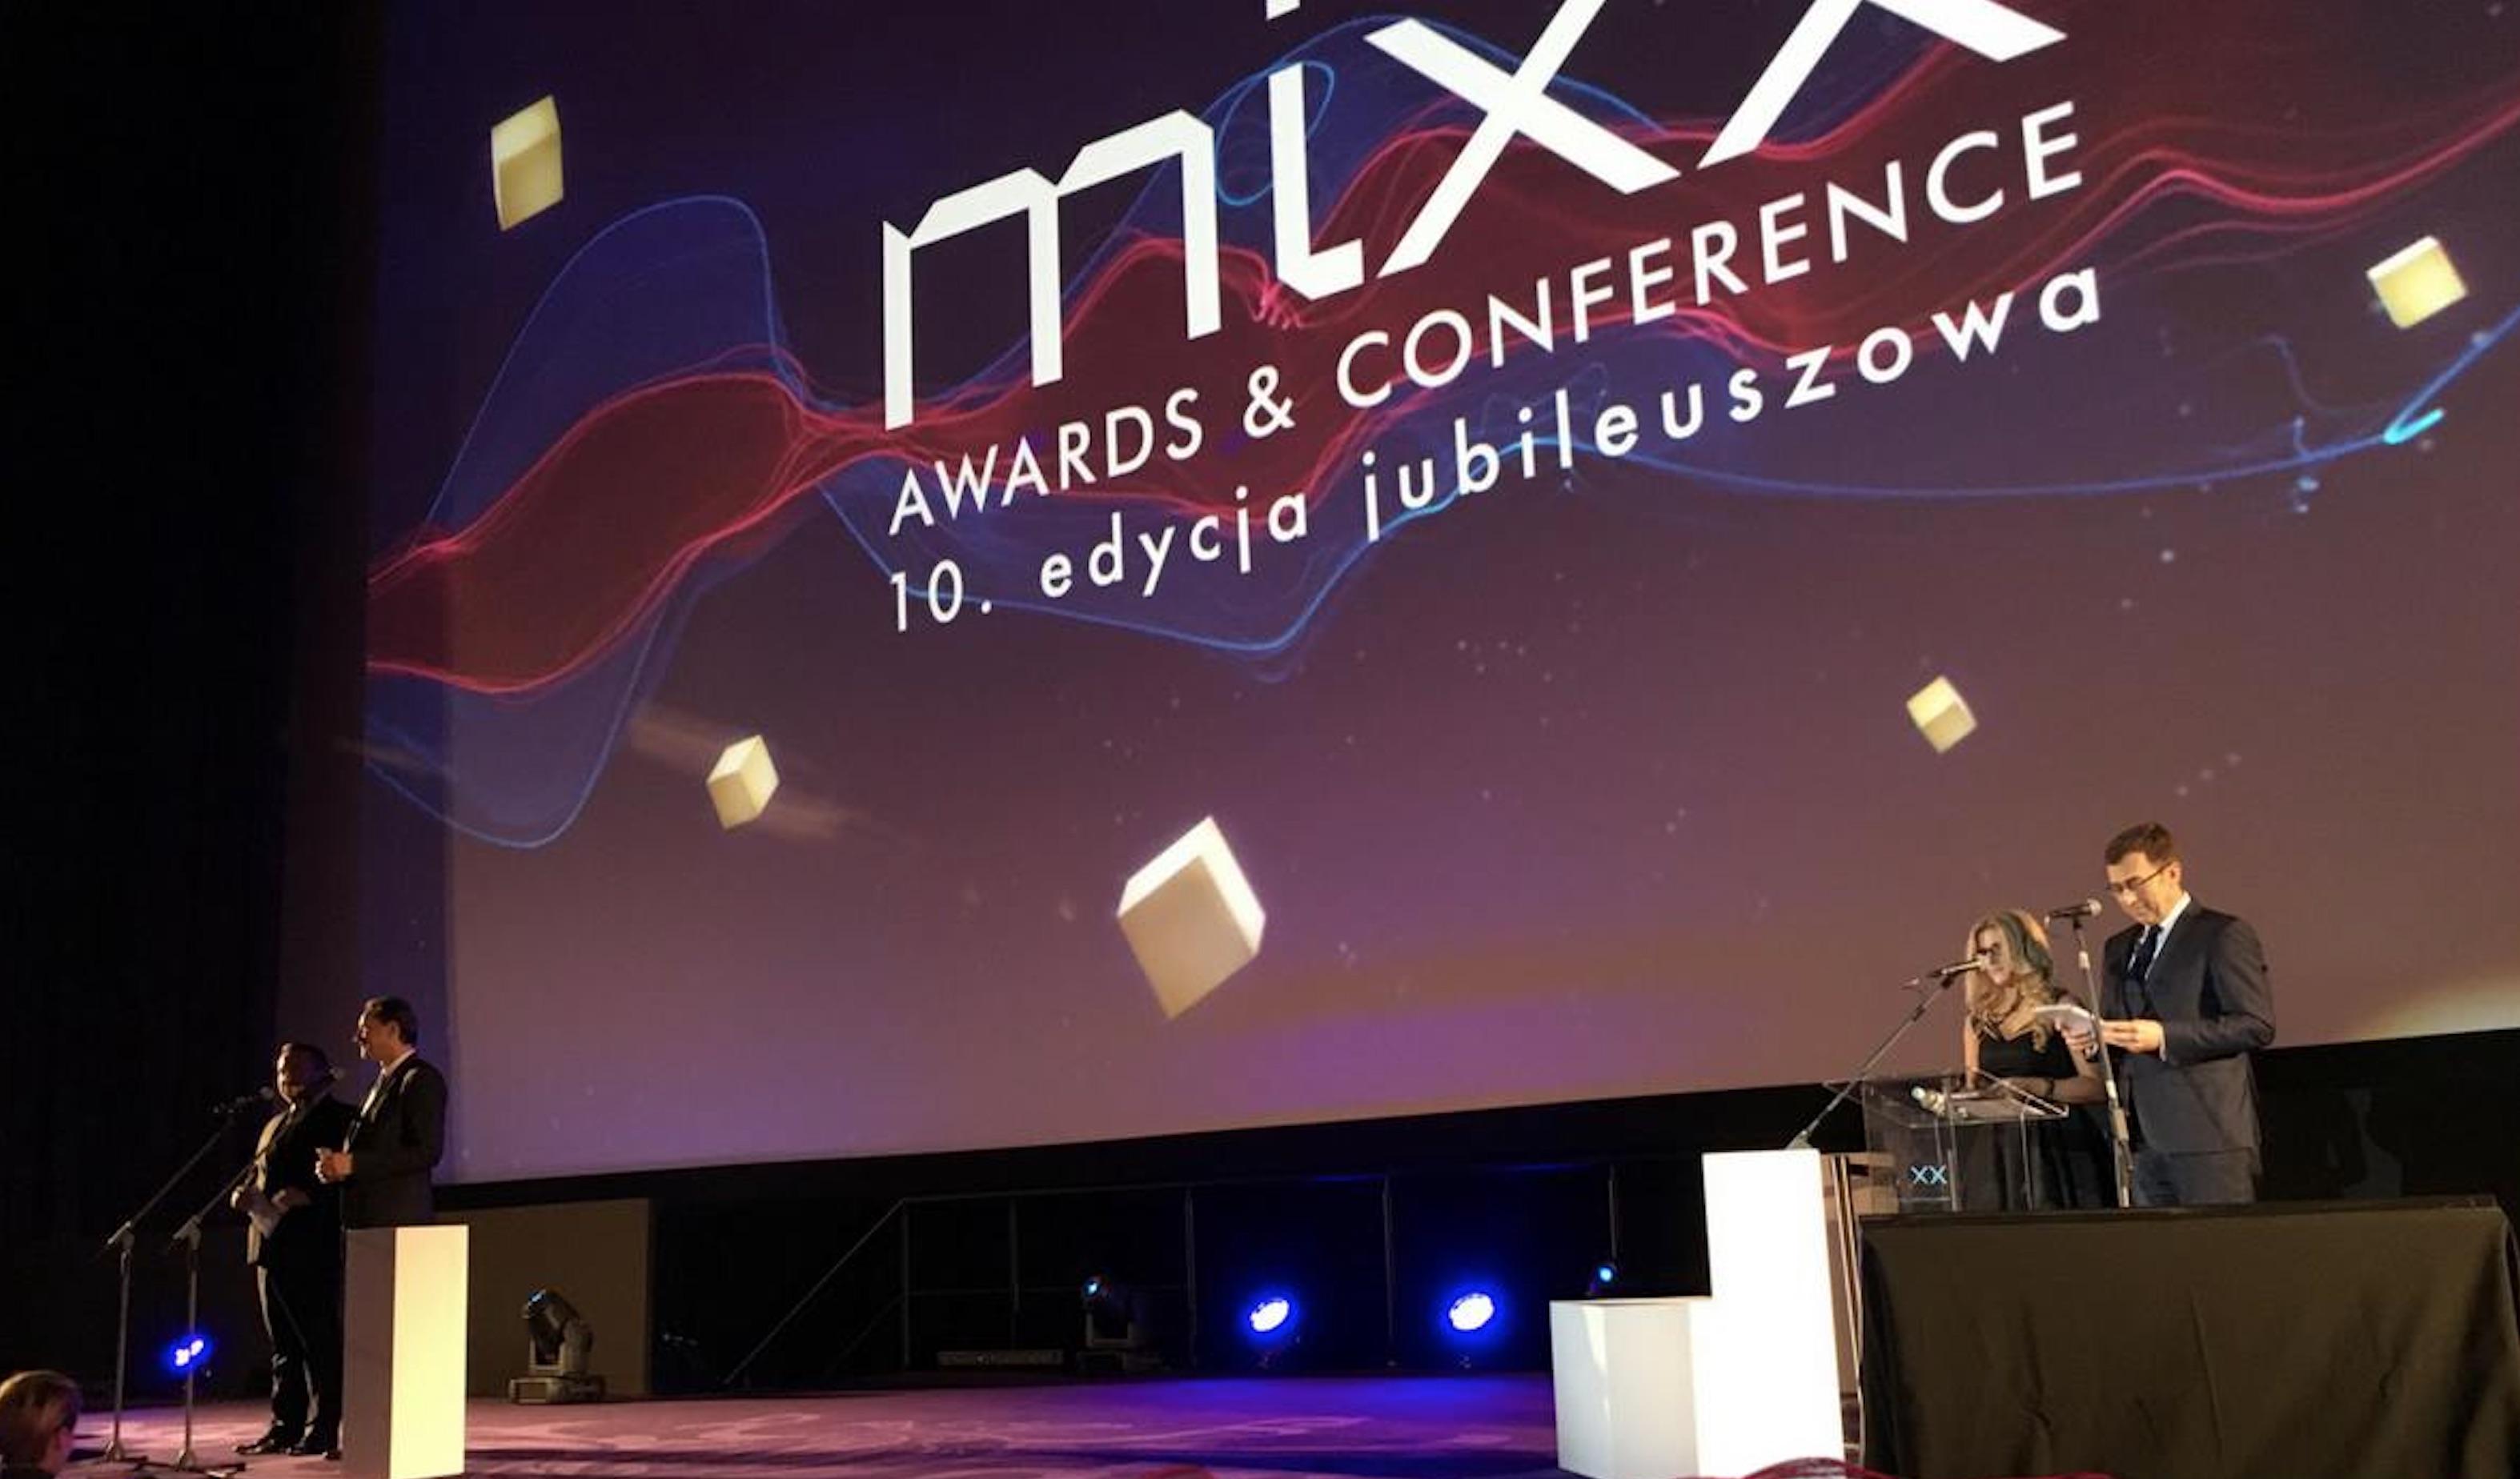 Znamy zwycięzców 10. edycji MIXX Awards! Nagrody mediarun mix conference